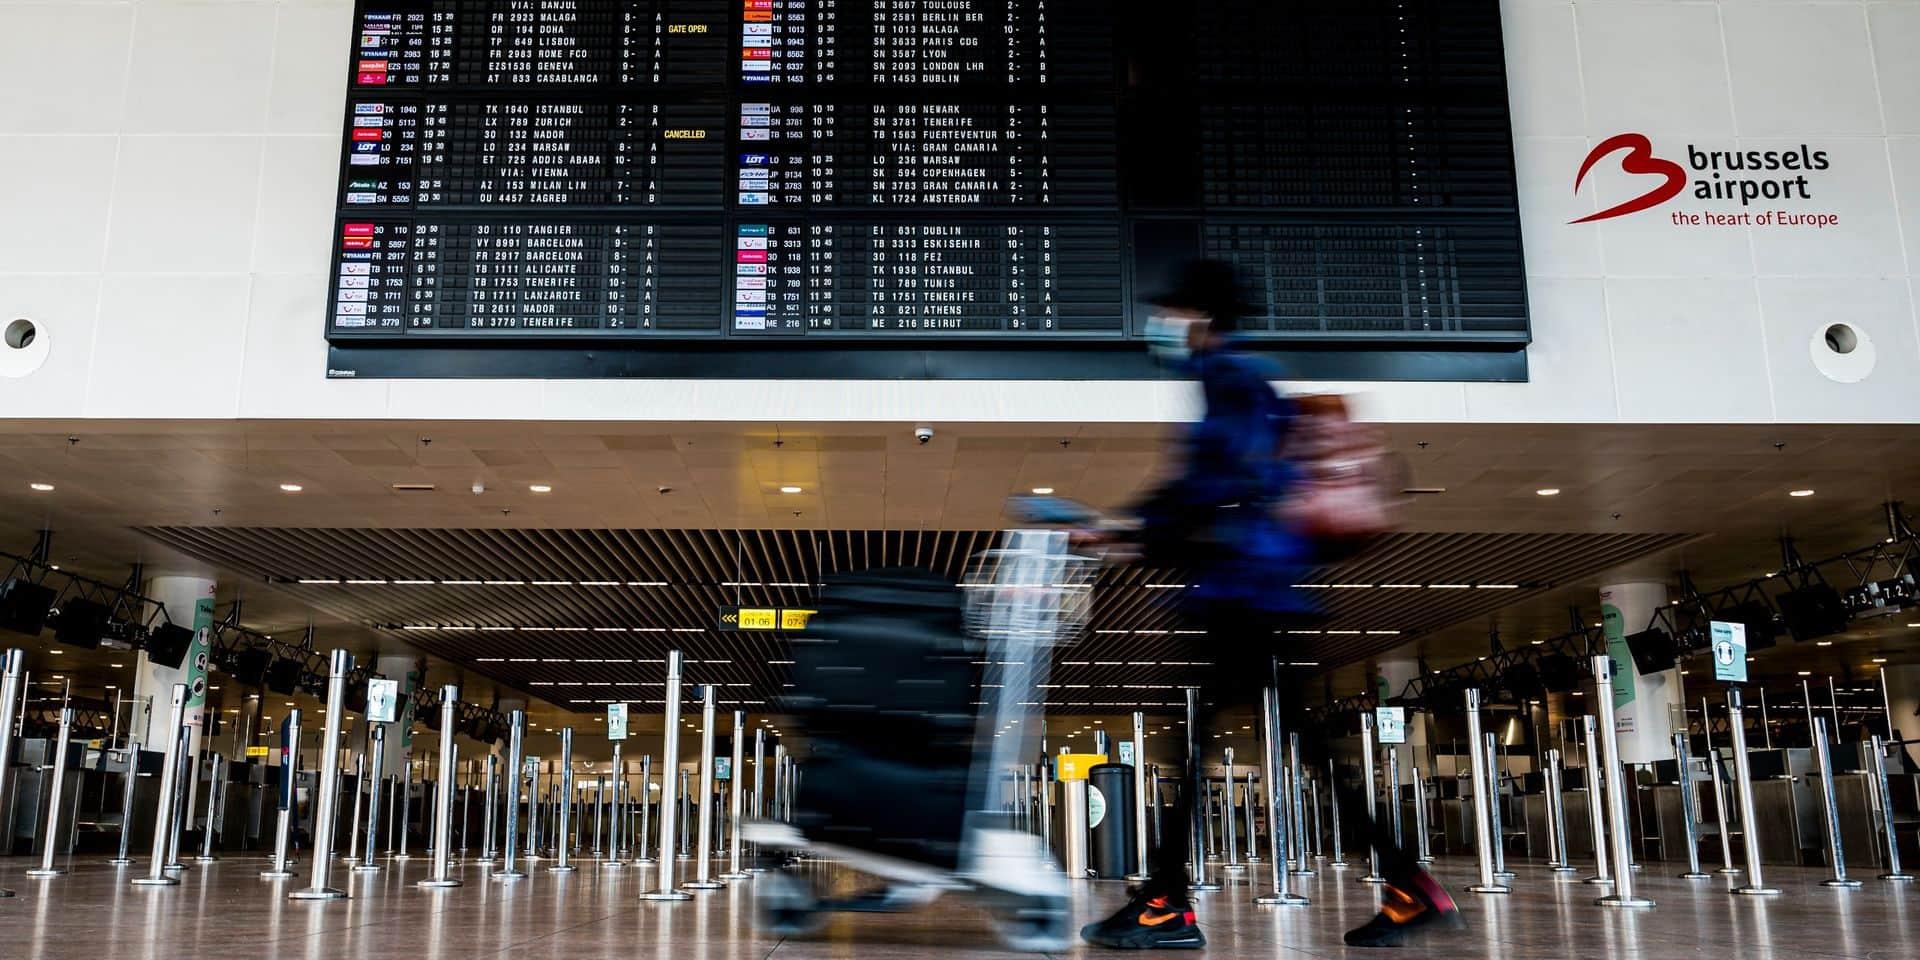 """Pour les aéroports belges, il est """"vital de lever rapidement l'interdiction des voyages non essentiels"""""""